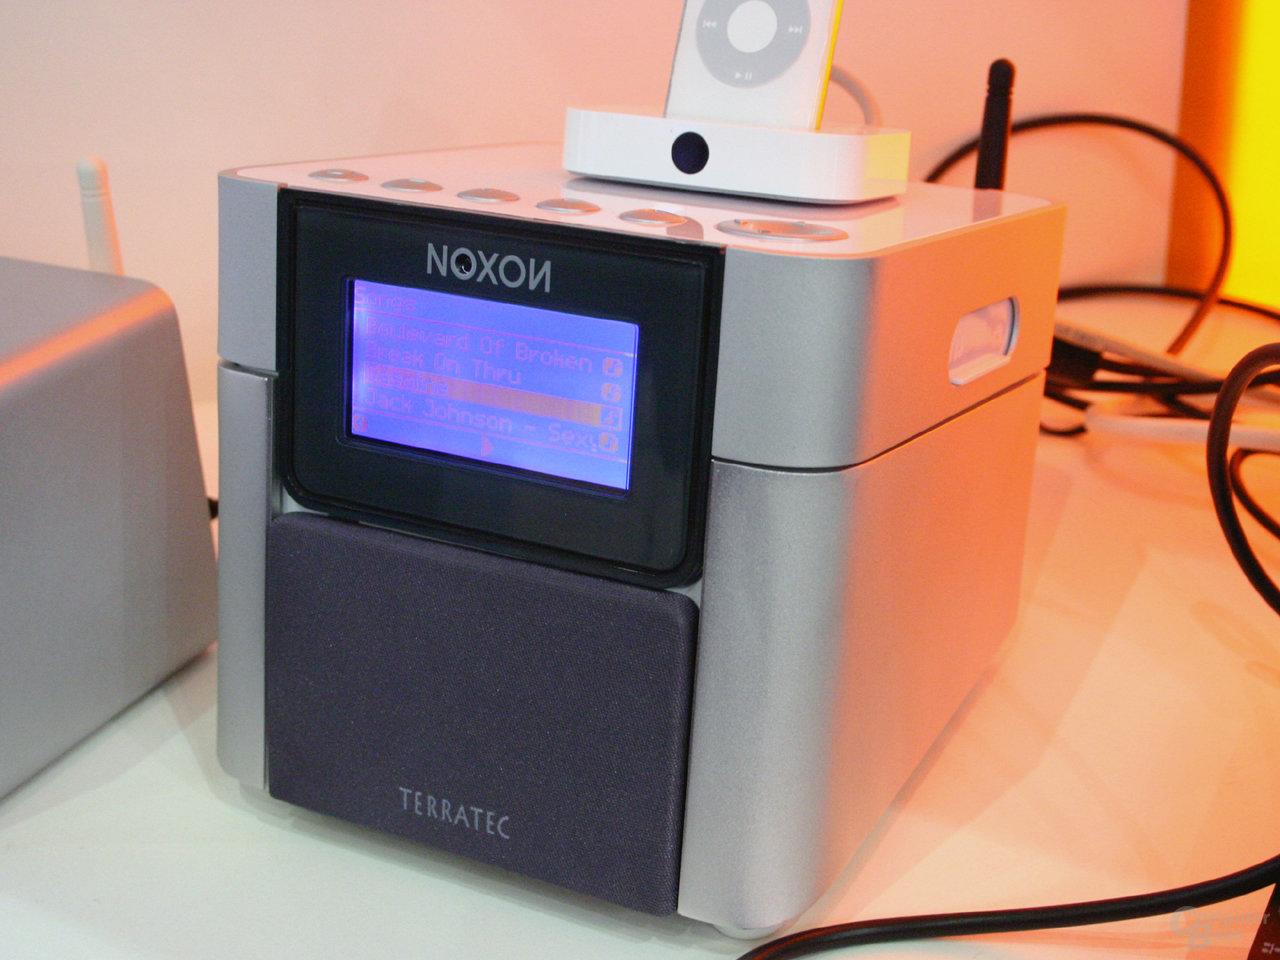 Noxon 2 radio